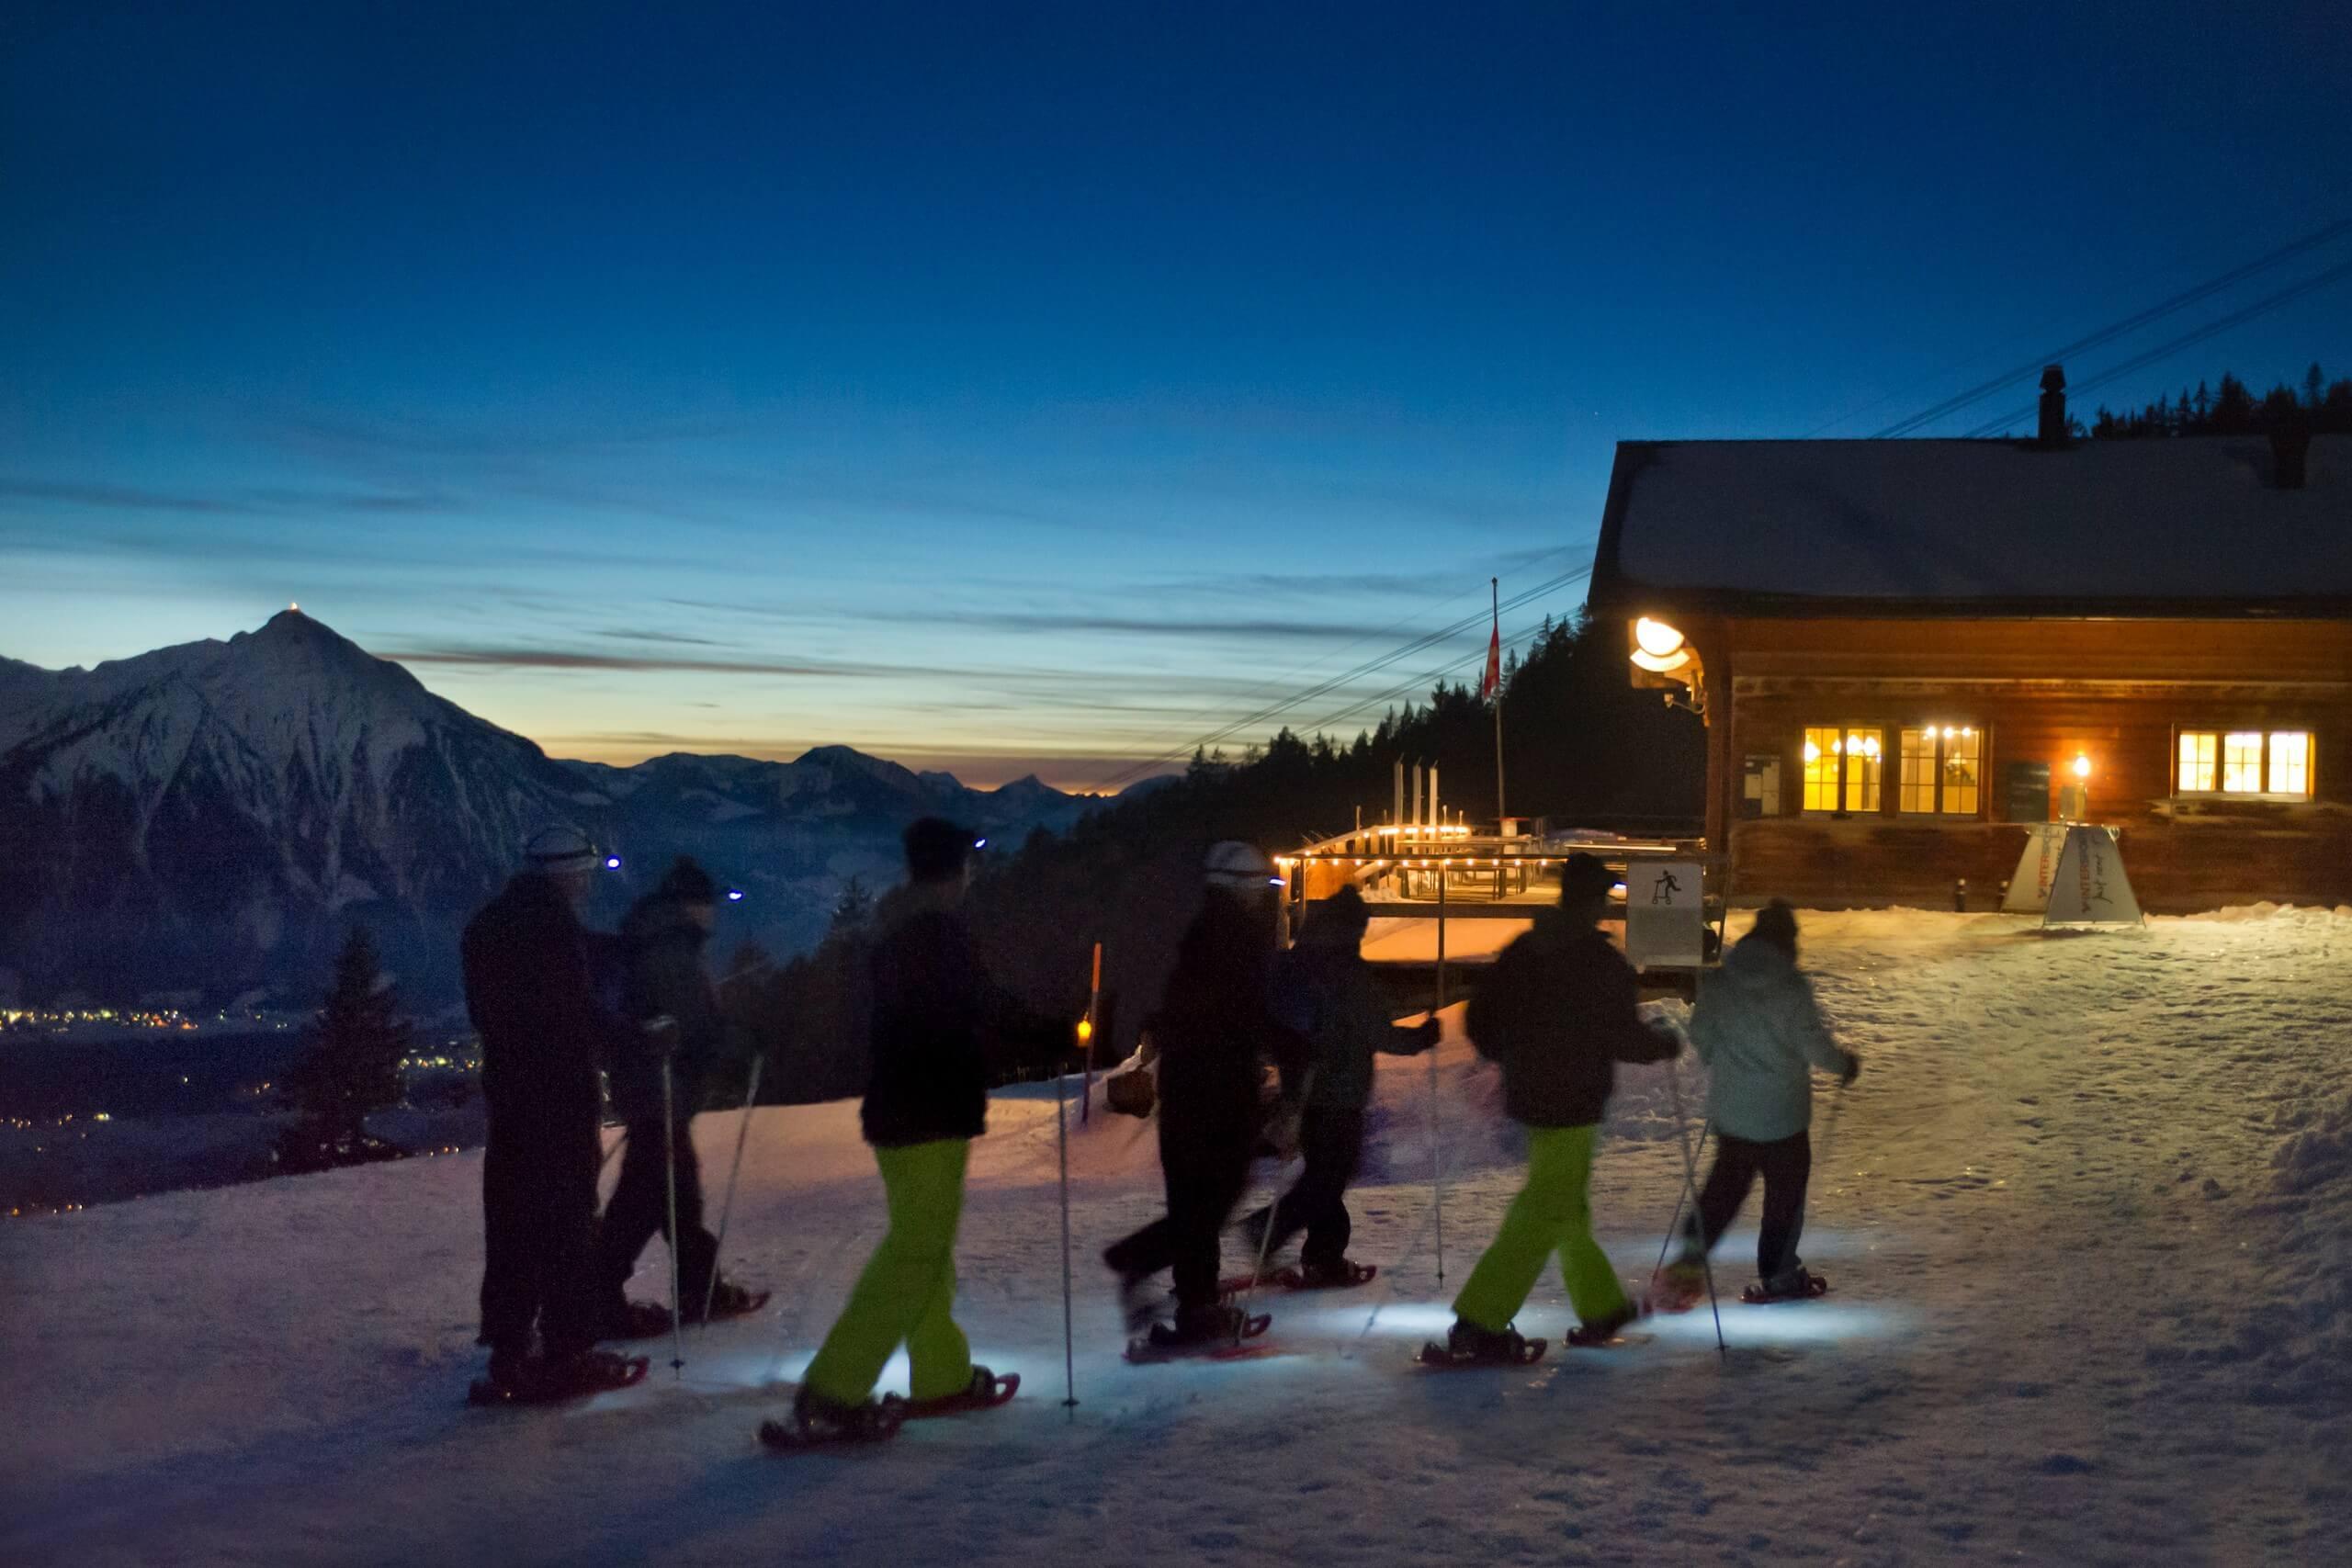 niederhorn-schneeschuhlaufen-winter-tour-nacht-vorsass-lichter